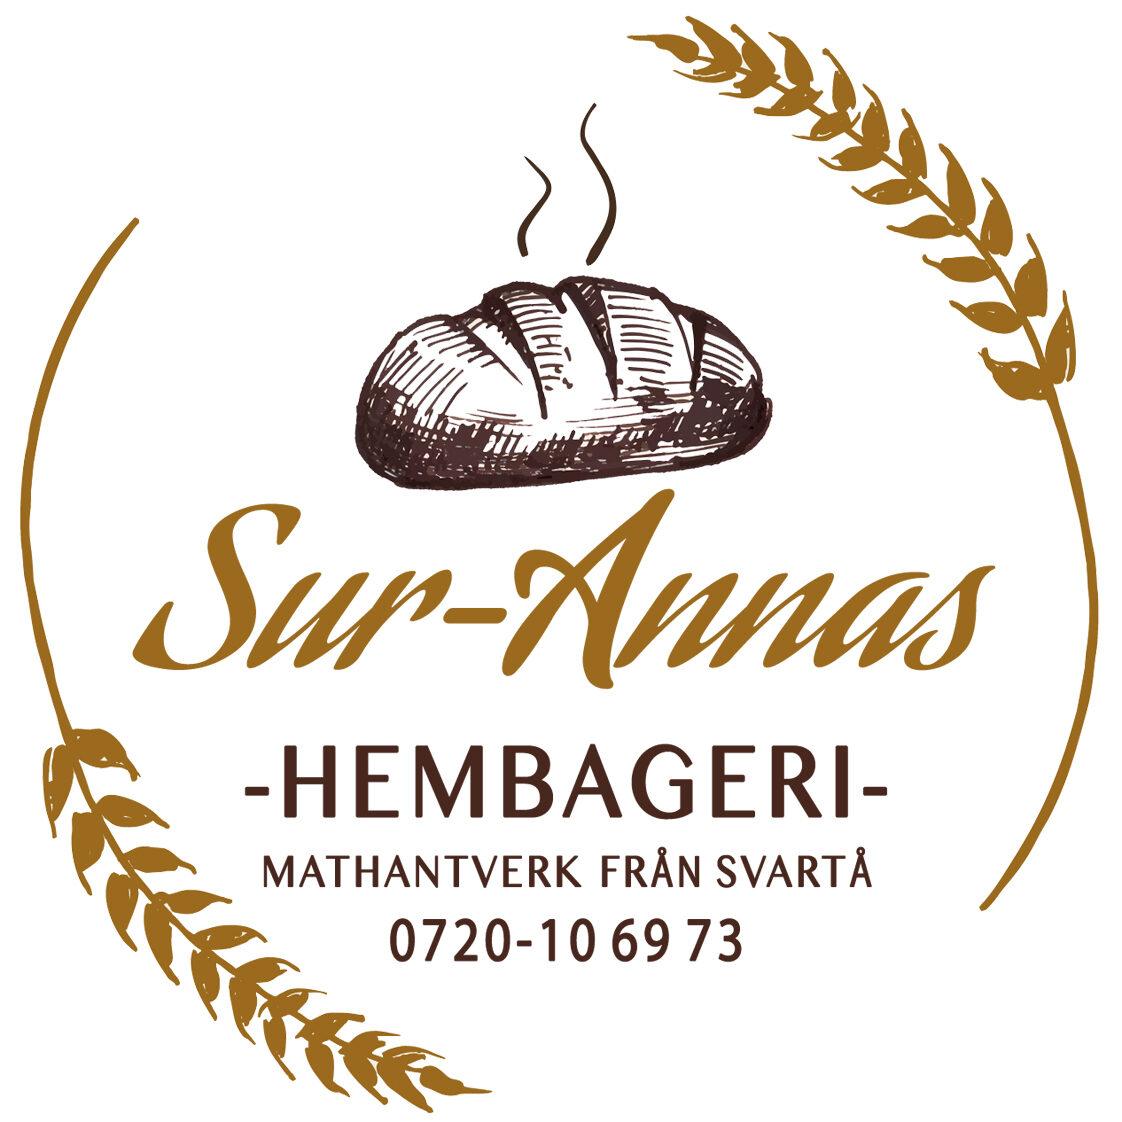 Sur-Annas Hembageri